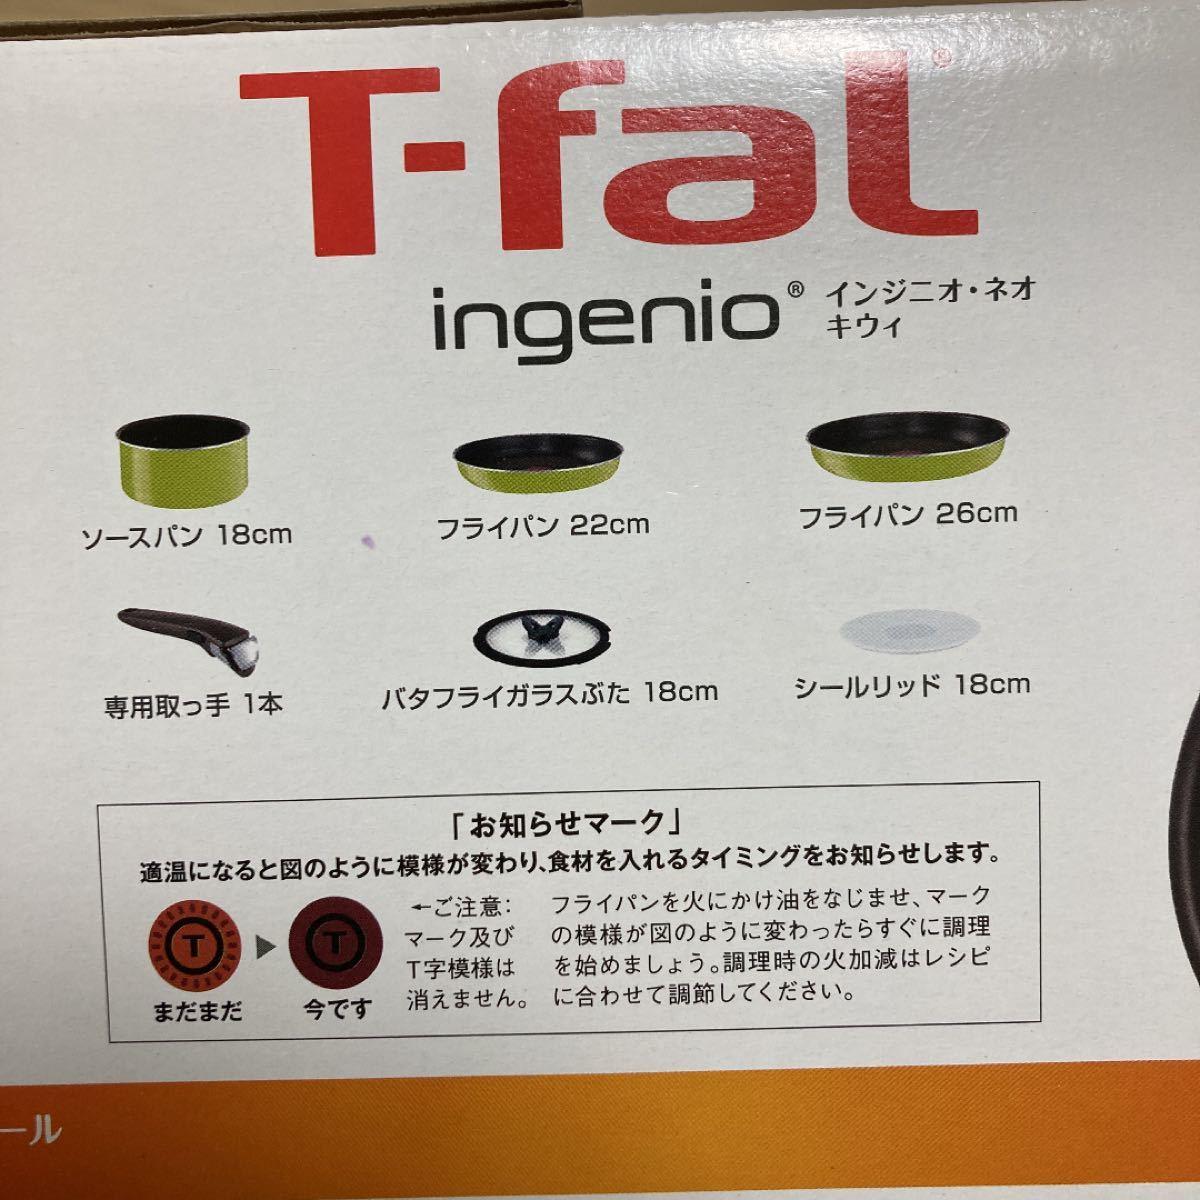 ティファール 鍋 フライパン 6点セット 着脱式 蓋付 インジニオ・ネオ キウィ